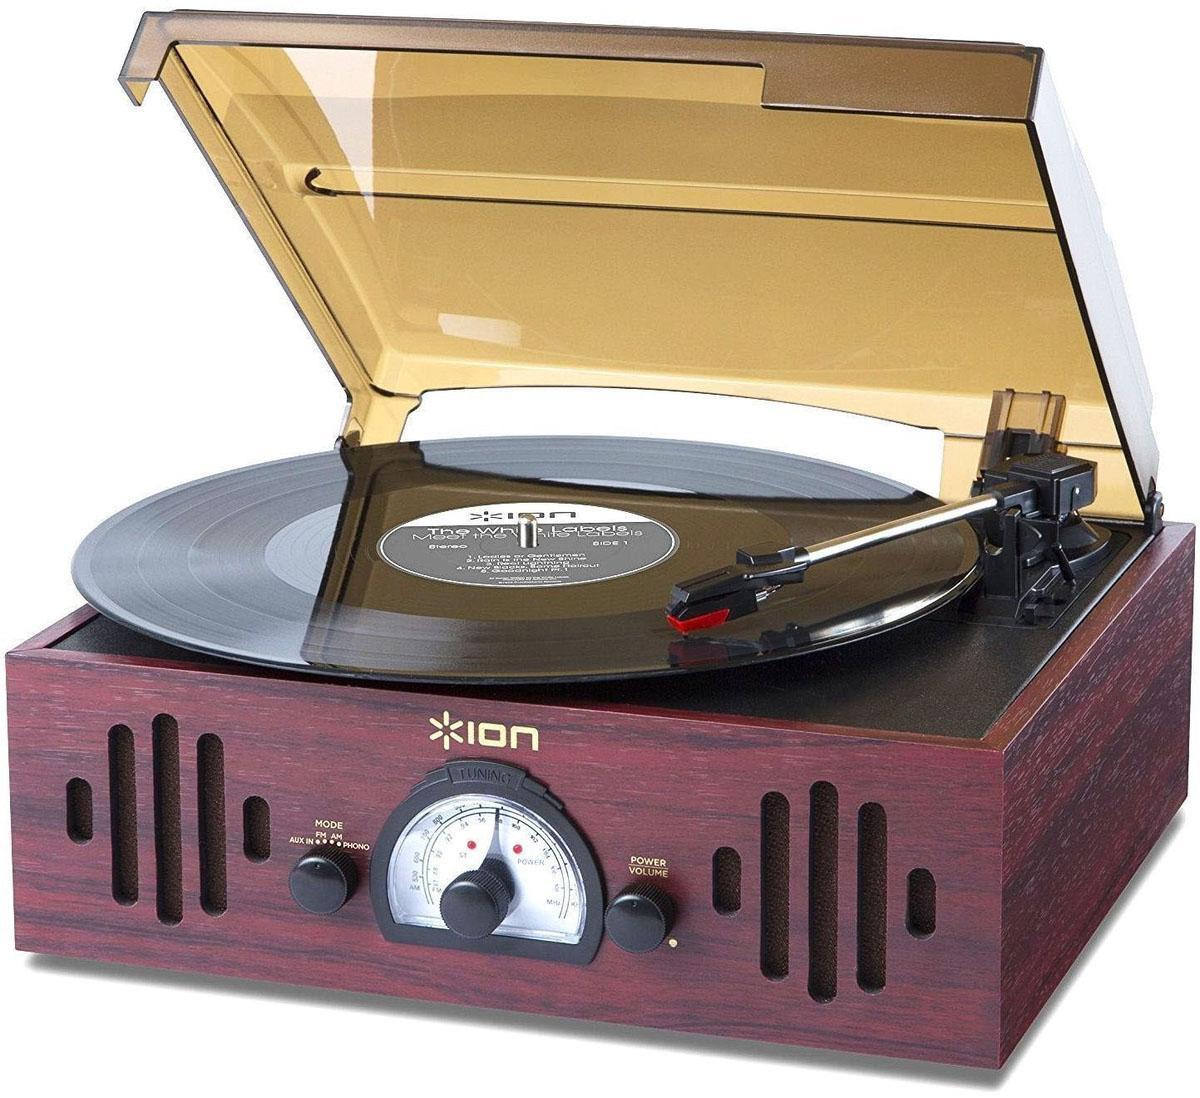 ION Audio Trio LP, Bordeaux проигрыватель виниловых дисковIONtrioВиниловый проигрыватель ION Audio Trio LP имеет форму чемоданчика и ретро-дизайн, выполненный в стиле проигрывателей 1950-х годов. Три функции в одном устройстве: проигрыватель винила любимой музыки, встроенные динамики, радио с диапазоном FM/AM. Trio LP воспроизводит чистый и качественный звук через встроенные динамики. Окунитесь в ретро-классику вместе с изысканным проигрывателем ION Audio Trio LP.